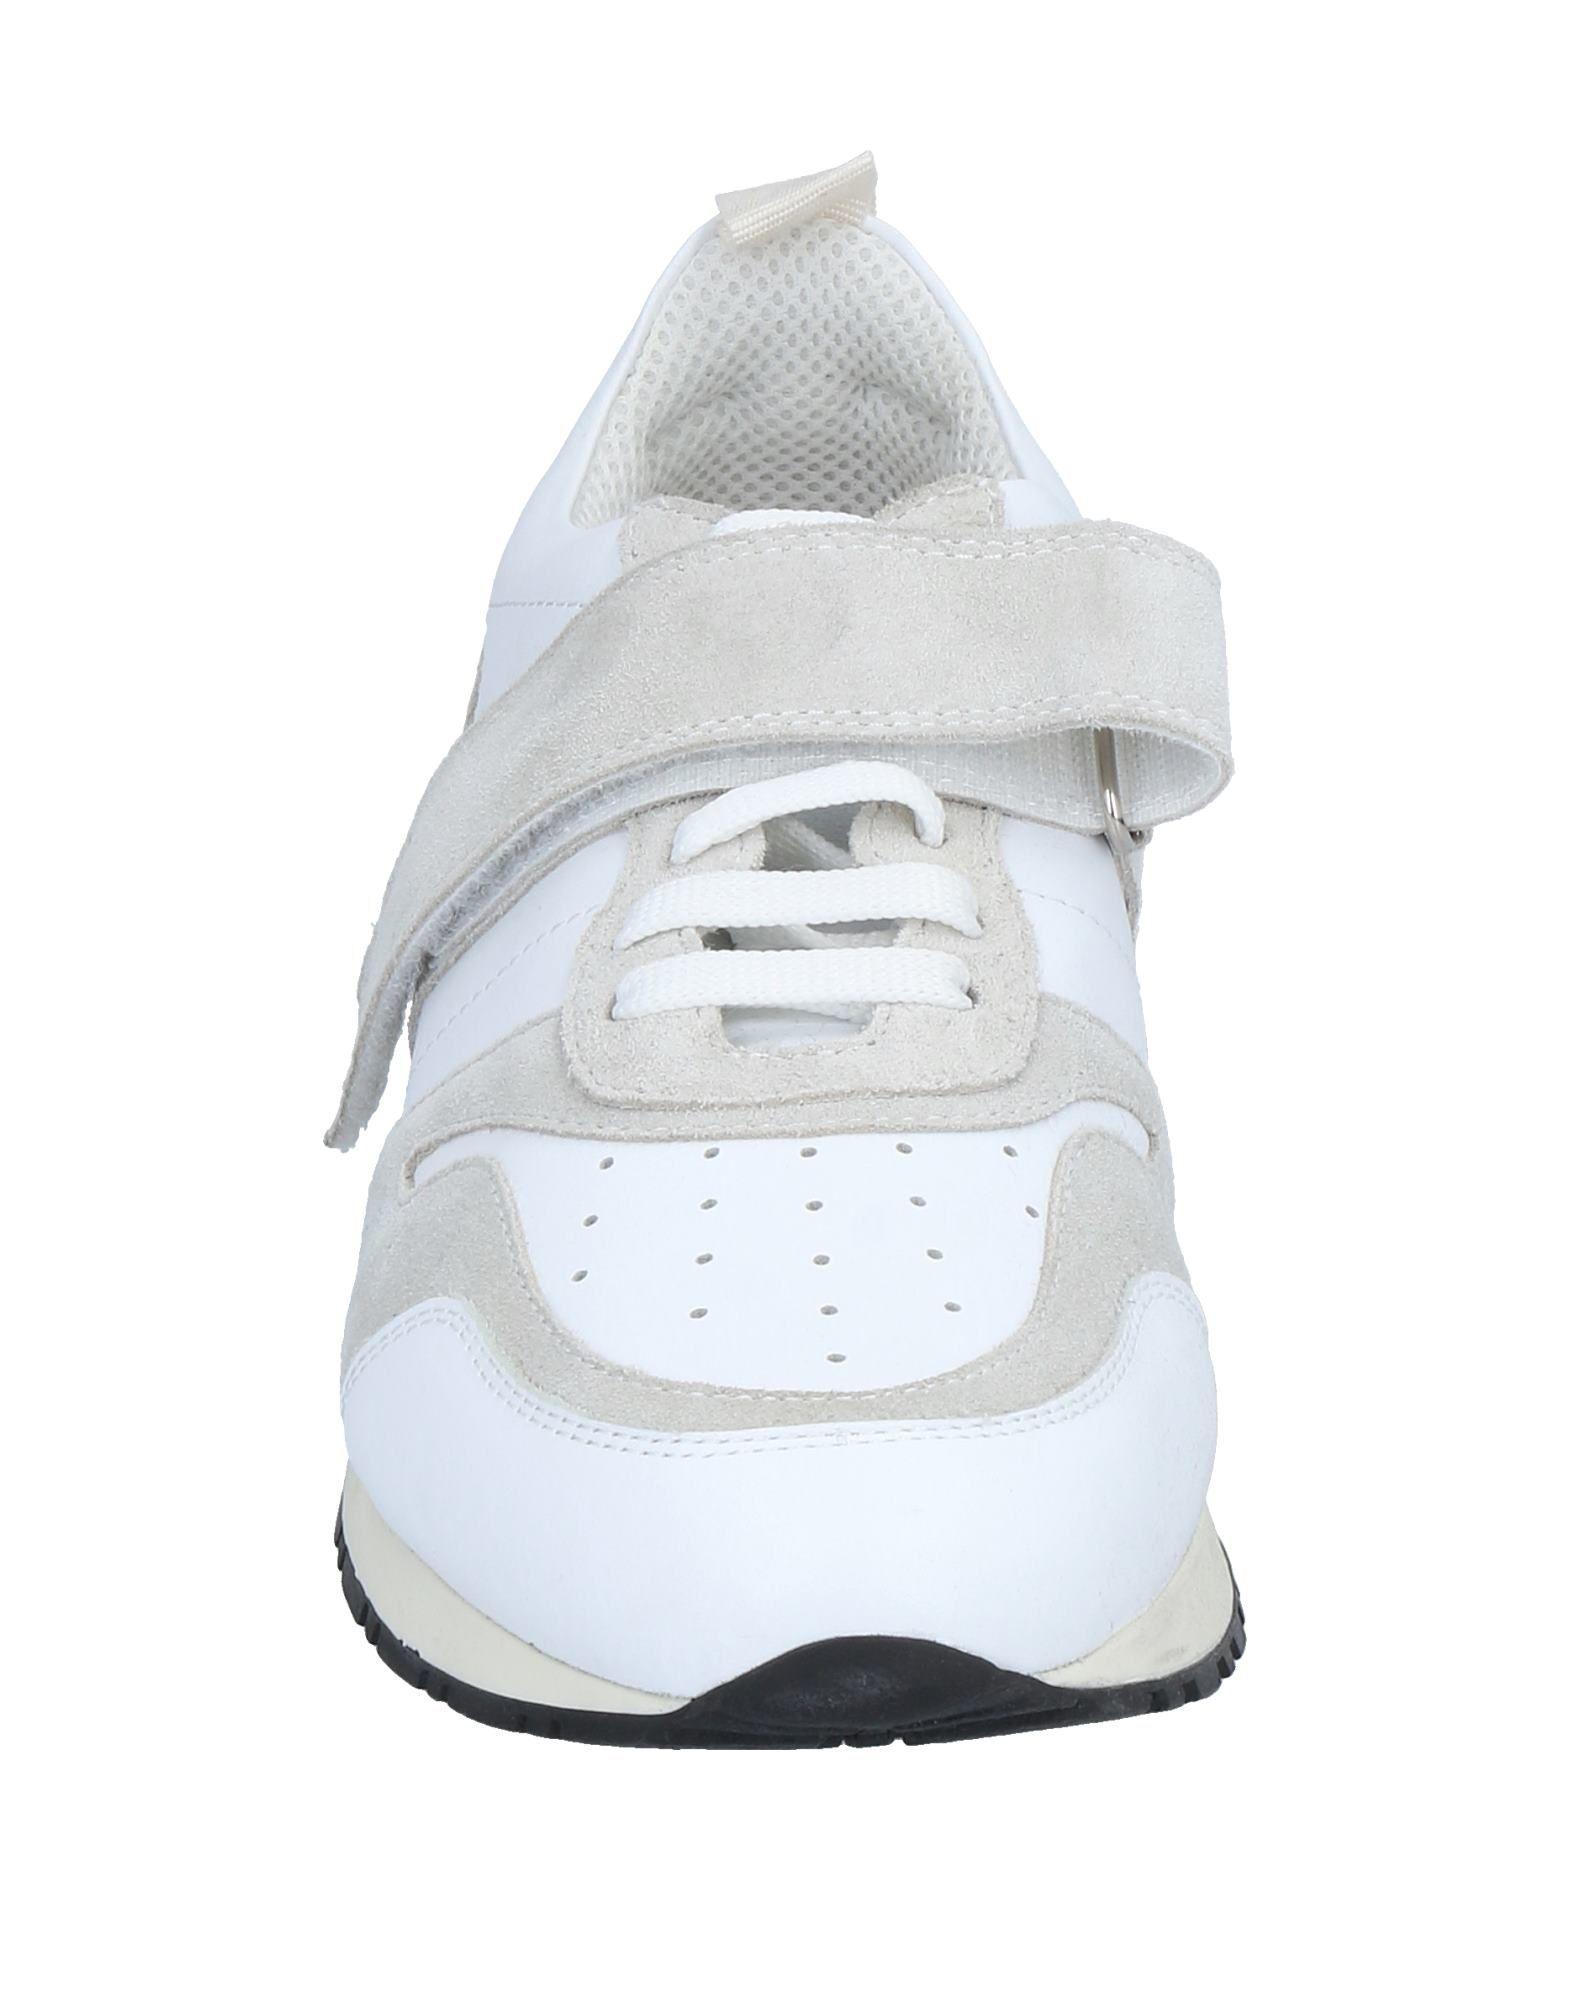 Dondup 11526151HC Sneakers Herren  11526151HC Dondup Gute Qualität beliebte Schuhe 6b1730